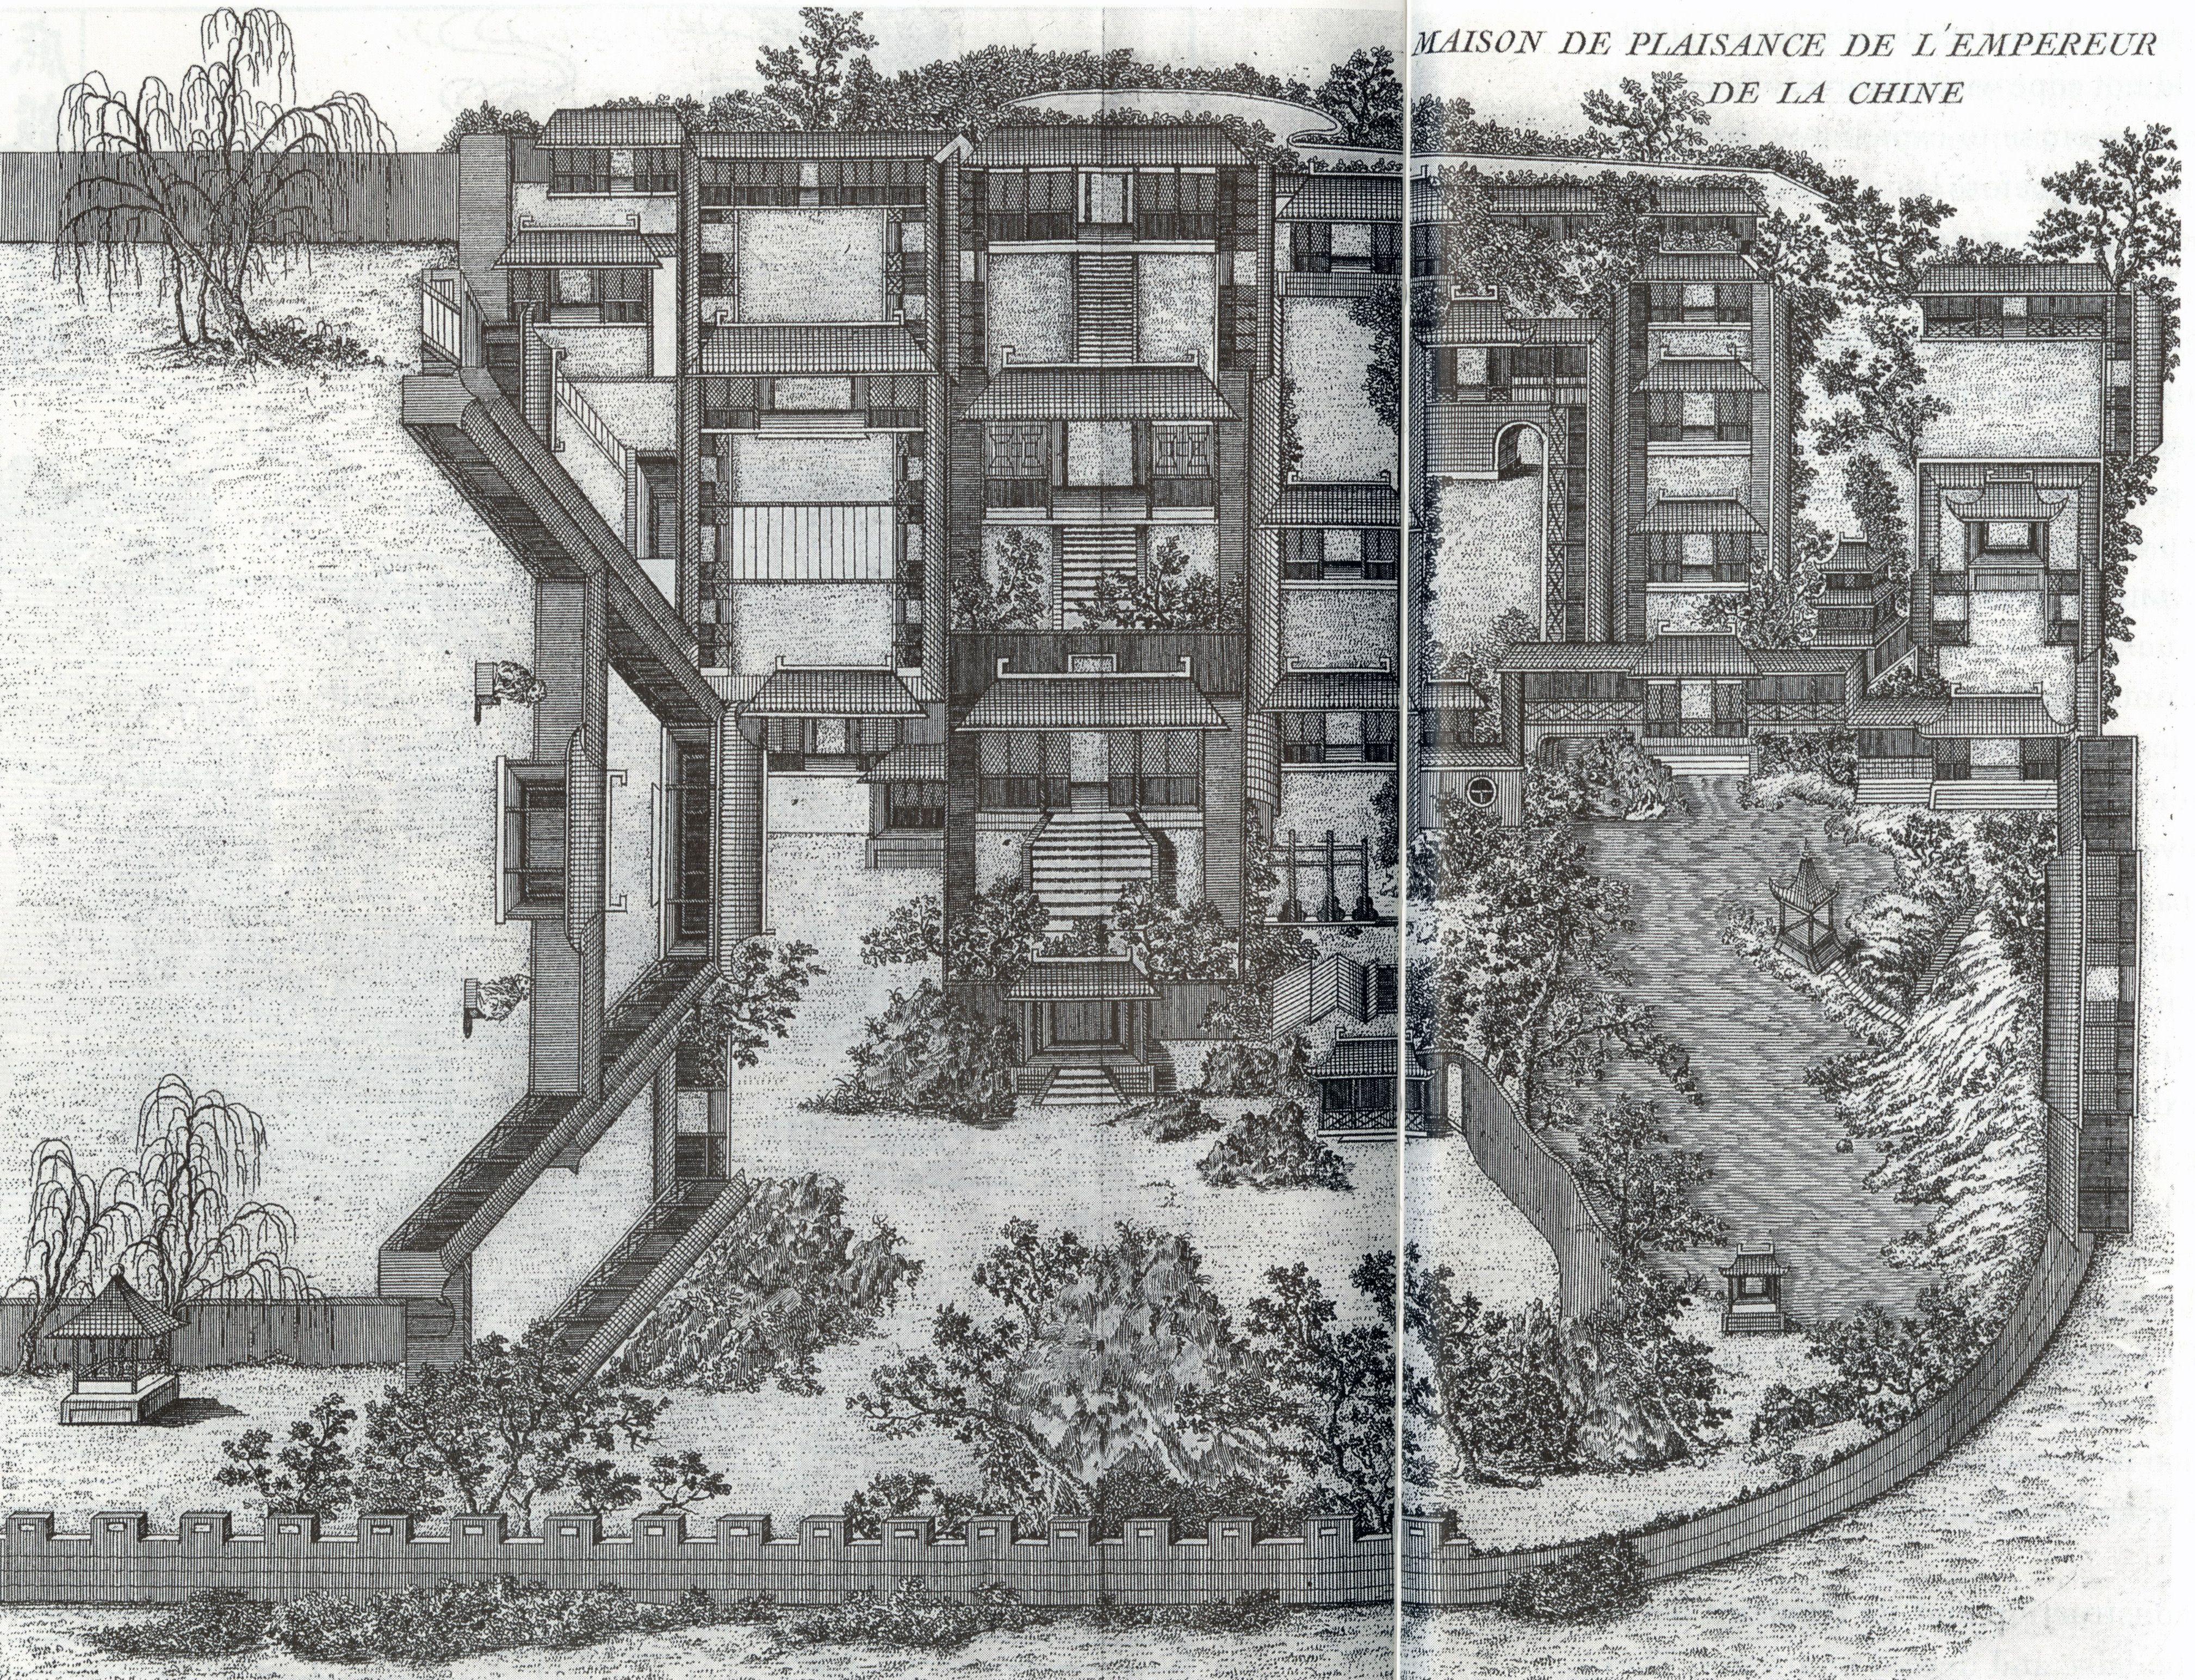 Maison de plaisance de l 39 empereur de la chine paris - Maison de la chine paris ...